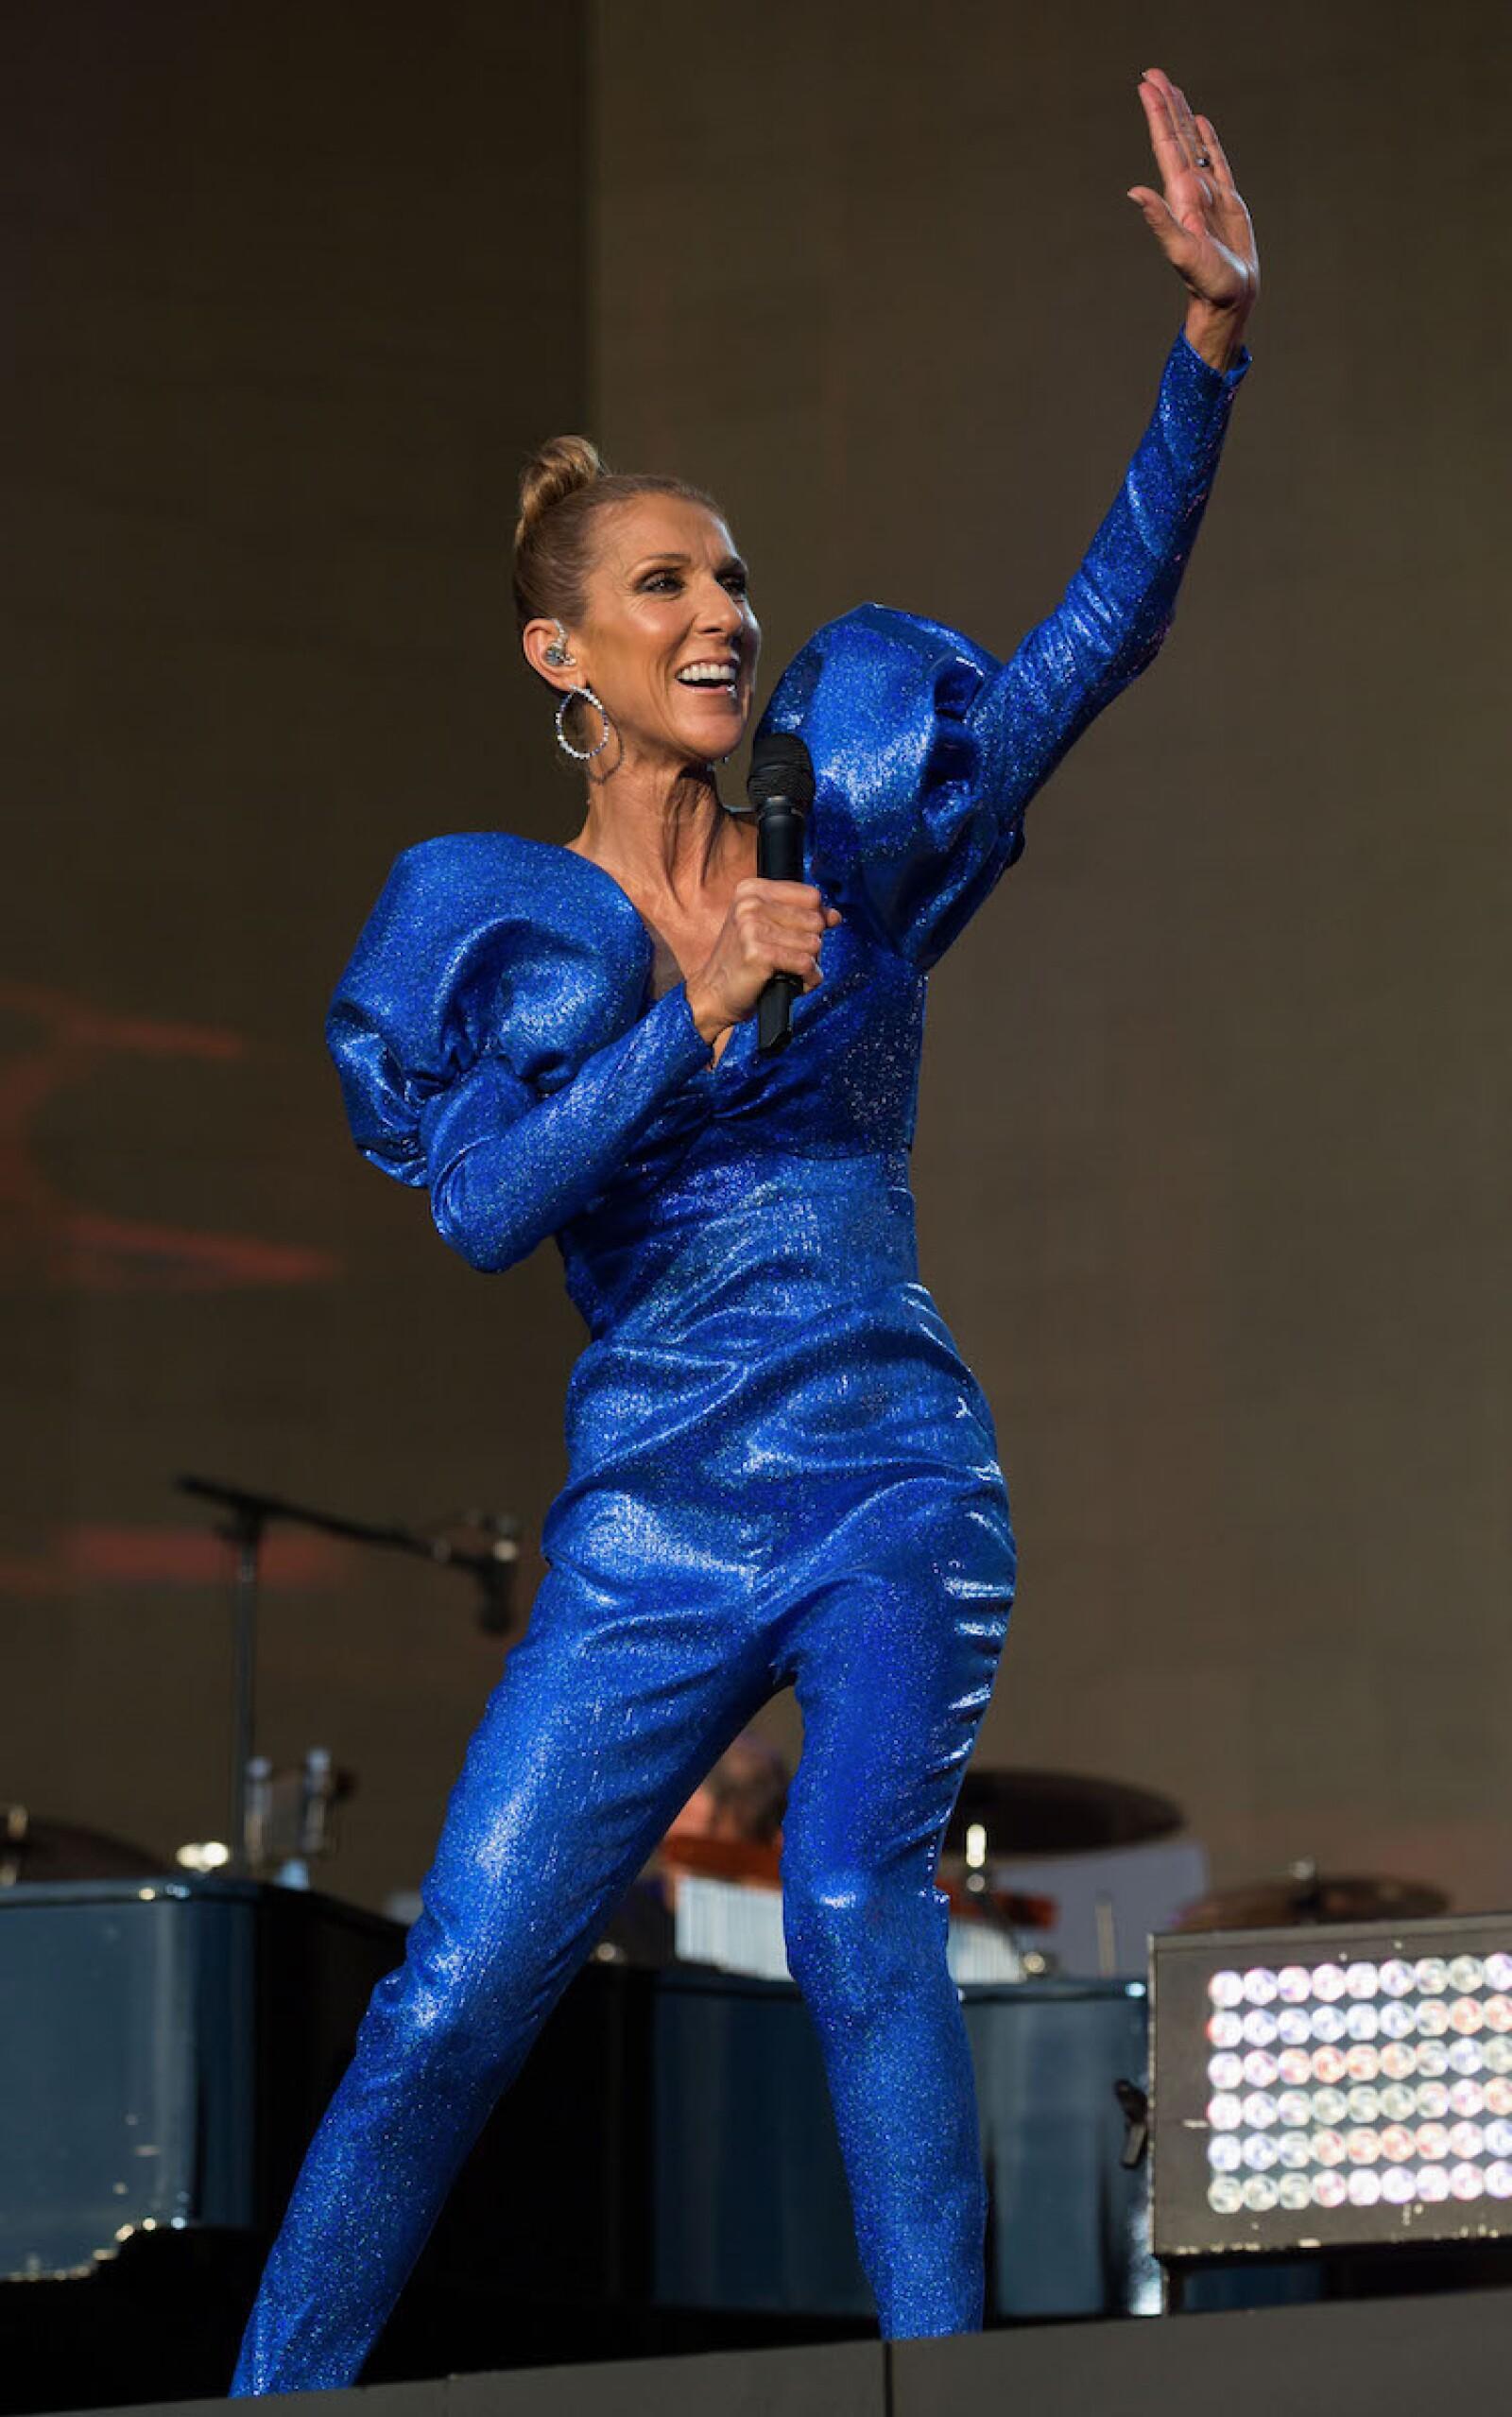 Celine dando un concierto en Londres con un look en color azul eléctrico de Rodarte